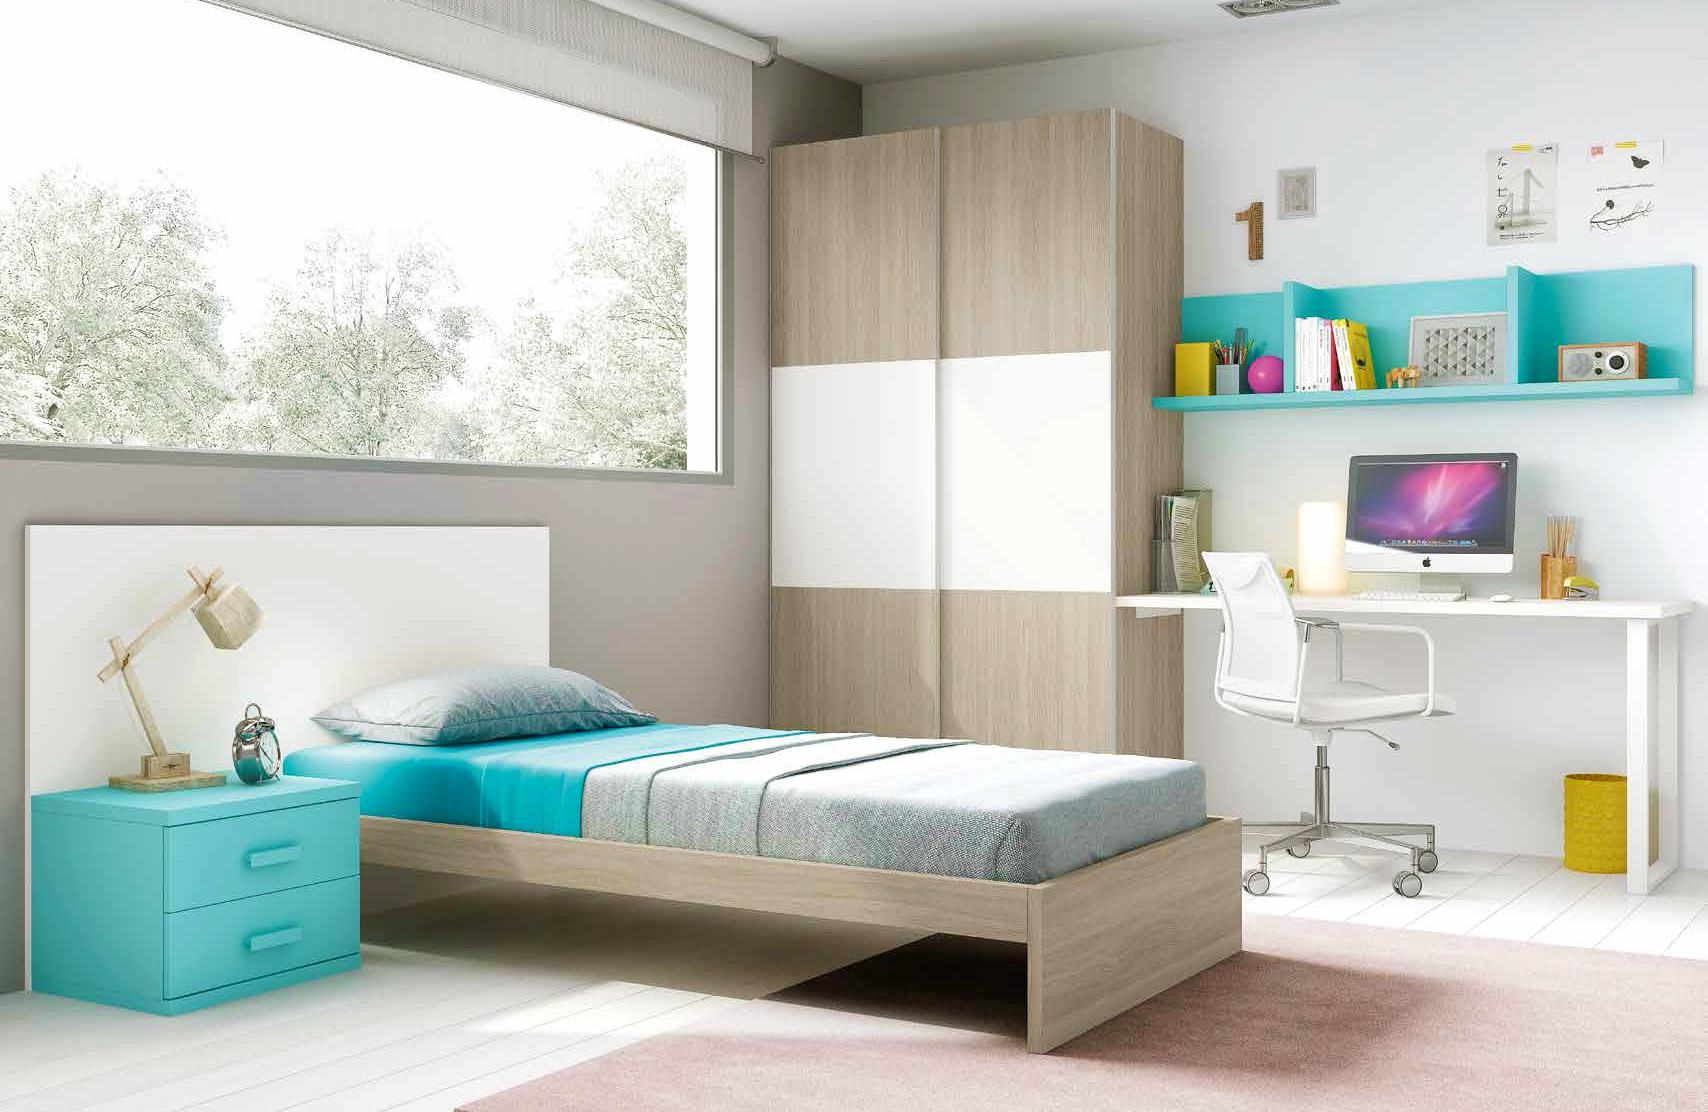 Chambre enfant composition L304 avec lit 1 personne - GLICERIO